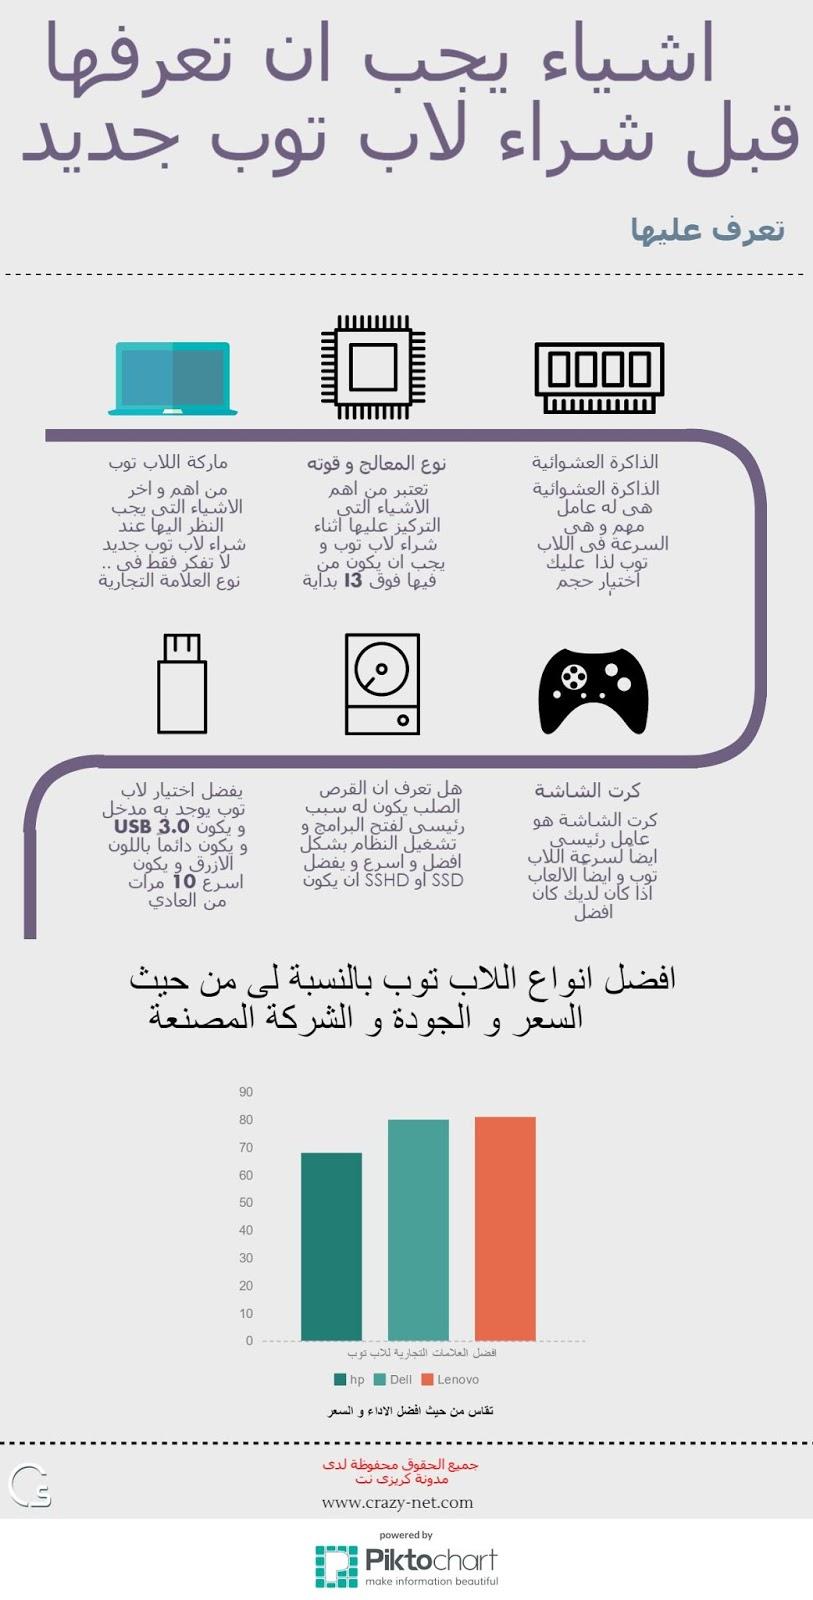 إنفوجرافيك يوضح اهم الاشياء التى يجب النظر اليها قبل شراء لاب توب او كمبيوتر محمول جديد